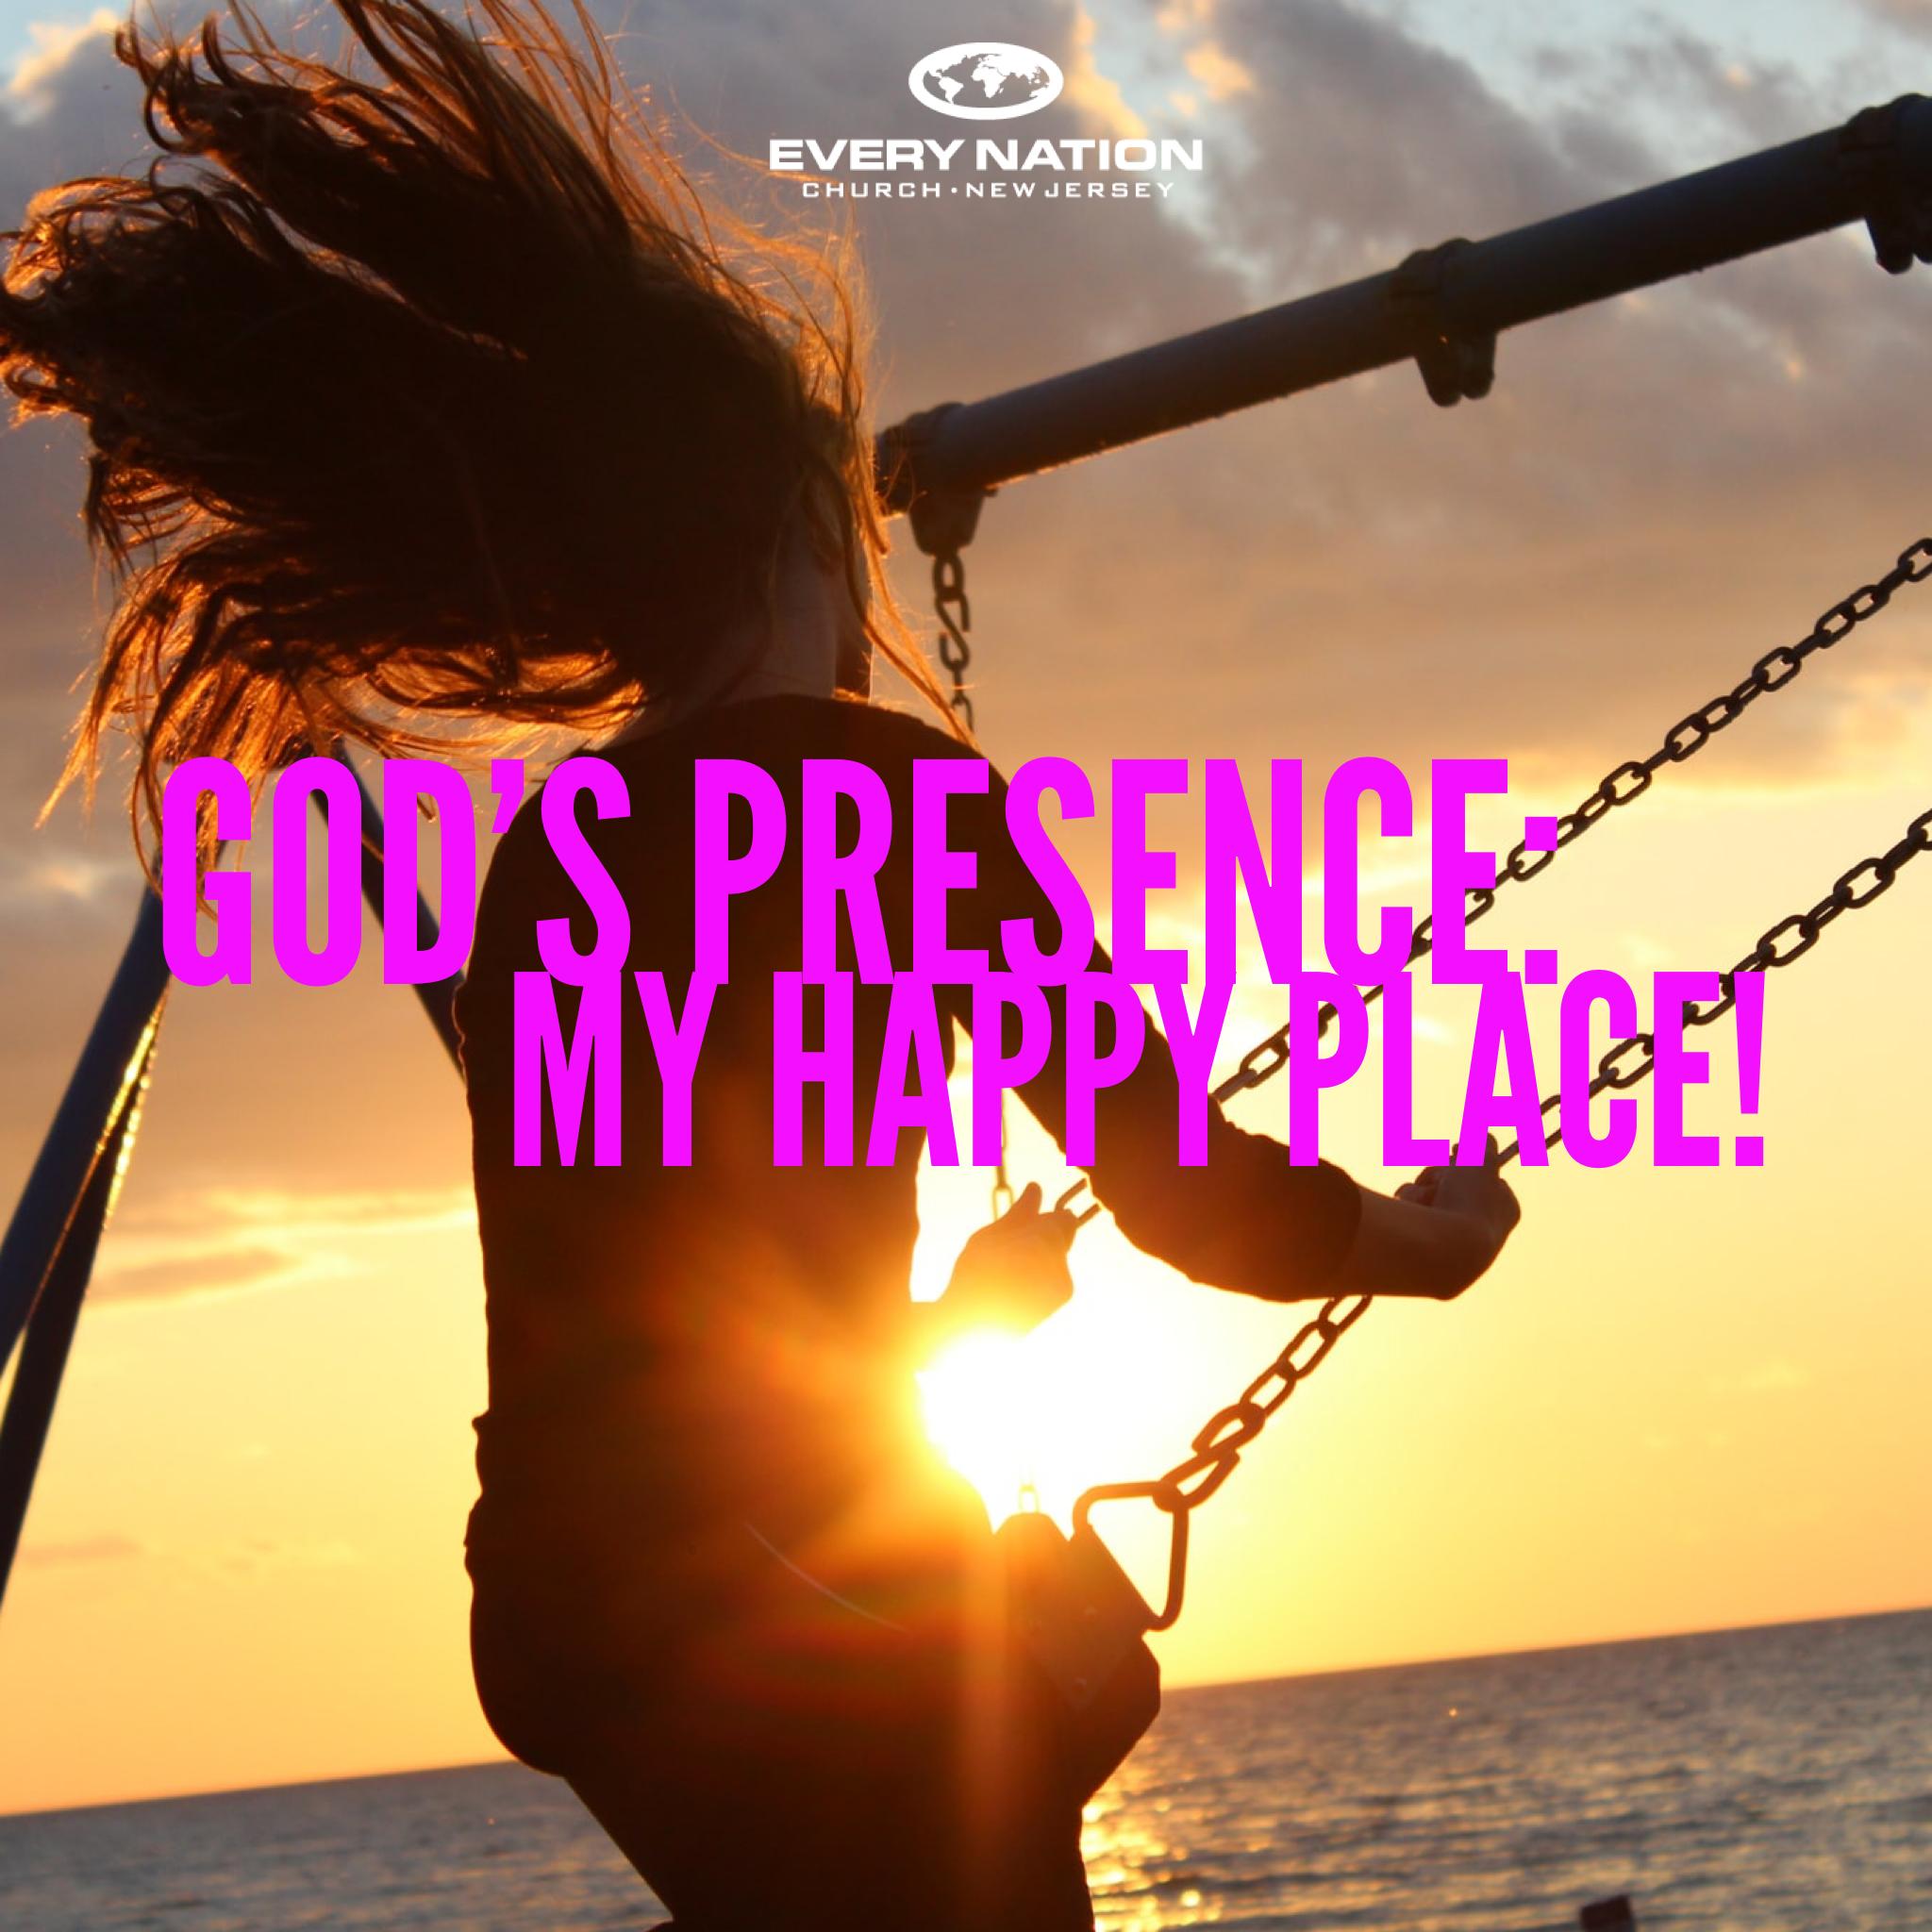 God's Presence — My Happy Place